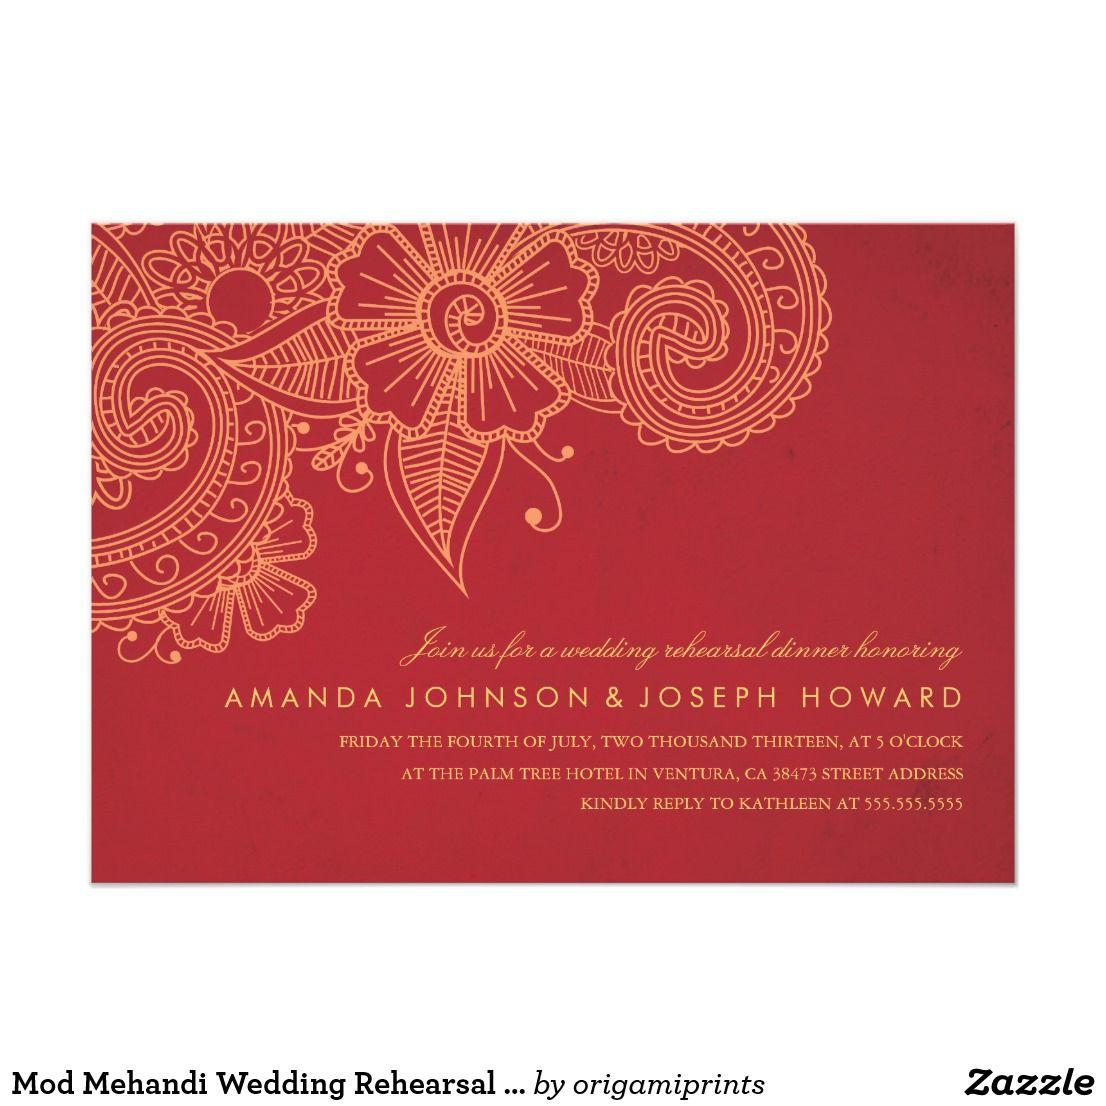 Mod Mehandi Wedding Rehearsal Dinner Invite Elegant henna inspired ...